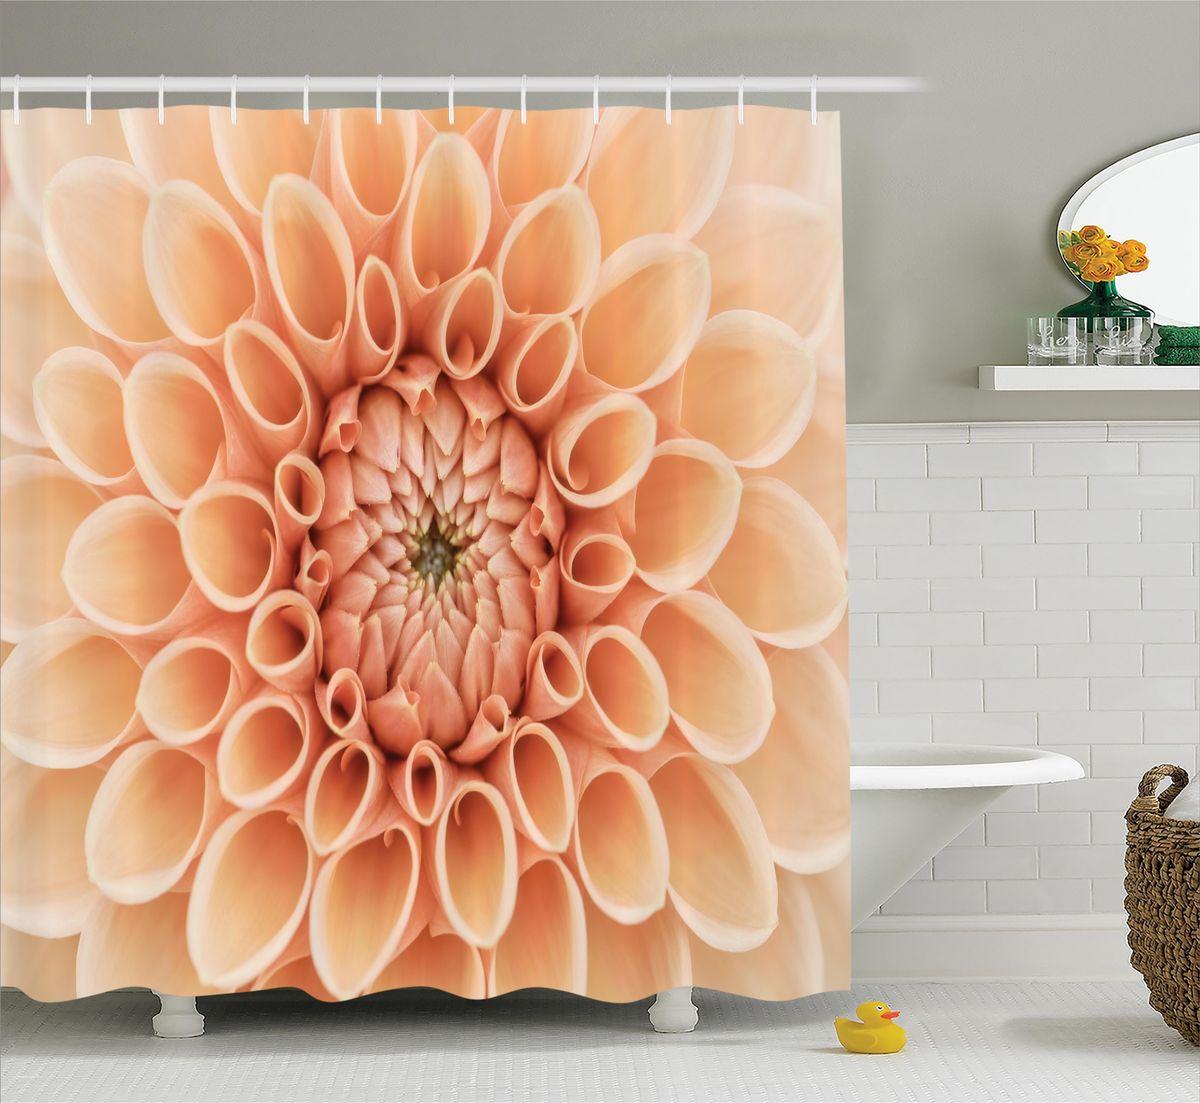 Штора для ванной комнаты Magic Lady Оранжевая хризантема, 180 х 200 смшв_12425Штора Magic Lady Оранжевая хризантема, изготовленная из высококачественного сатена (полиэстер 100%), отлично дополнит любой интерьер ванной комнаты. При изготовлении используются специальные гипоаллергенные чернила для прямой печати по ткани, безопасные для человека.В комплекте: 1 штора, 12 крючков. Обращаем ваше внимание, фактический цвет изделия может незначительно отличаться от представленного на фото.